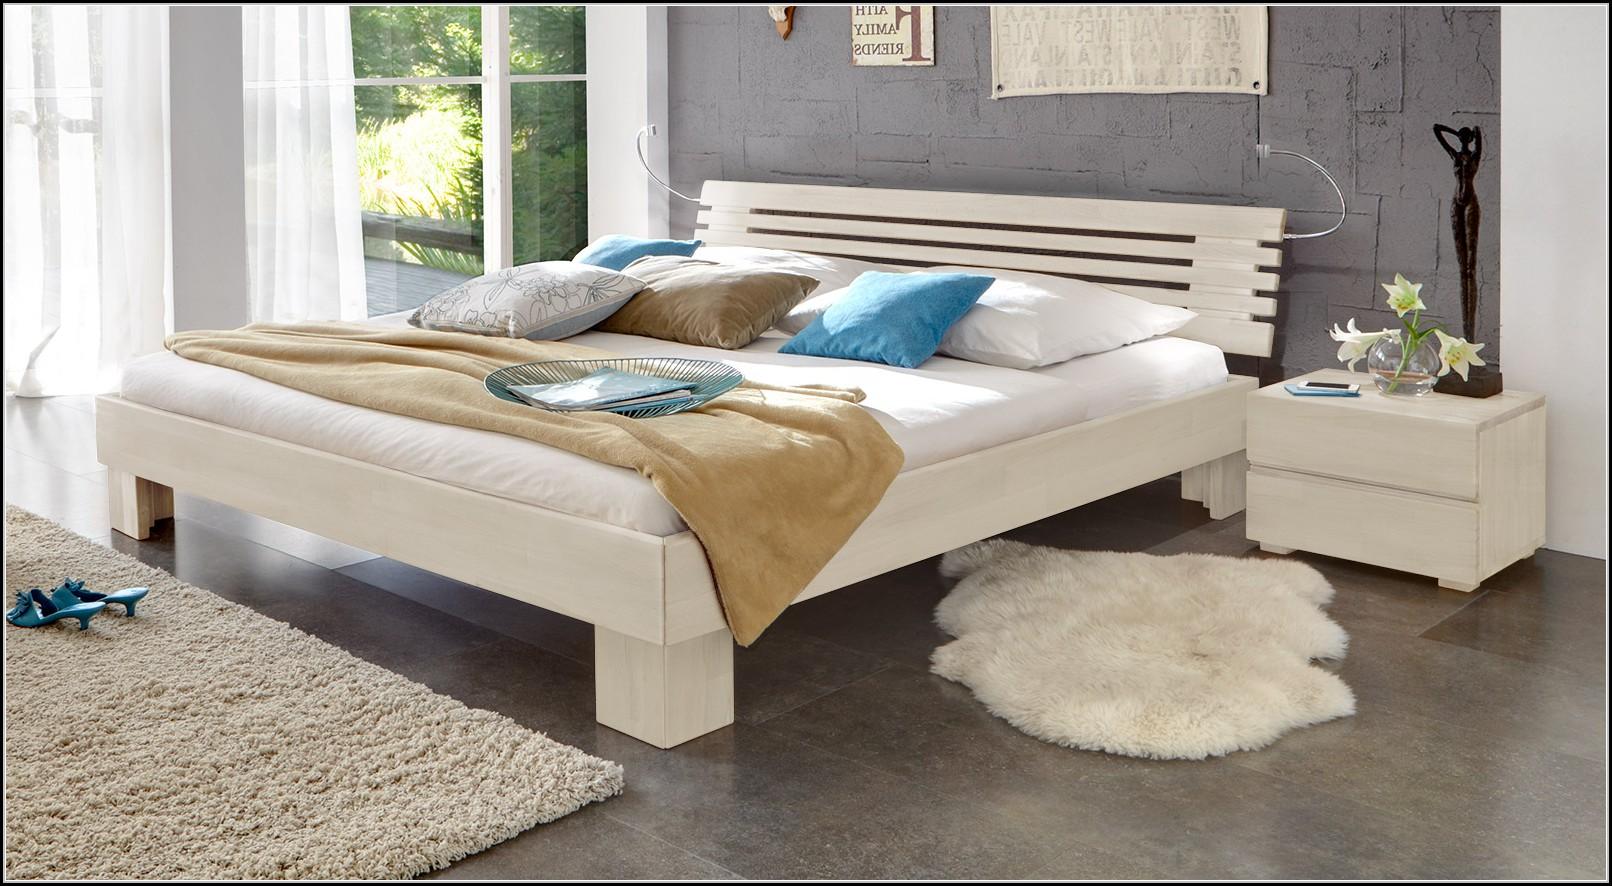 betten im landhausstil betten house und dekor galerie. Black Bedroom Furniture Sets. Home Design Ideas